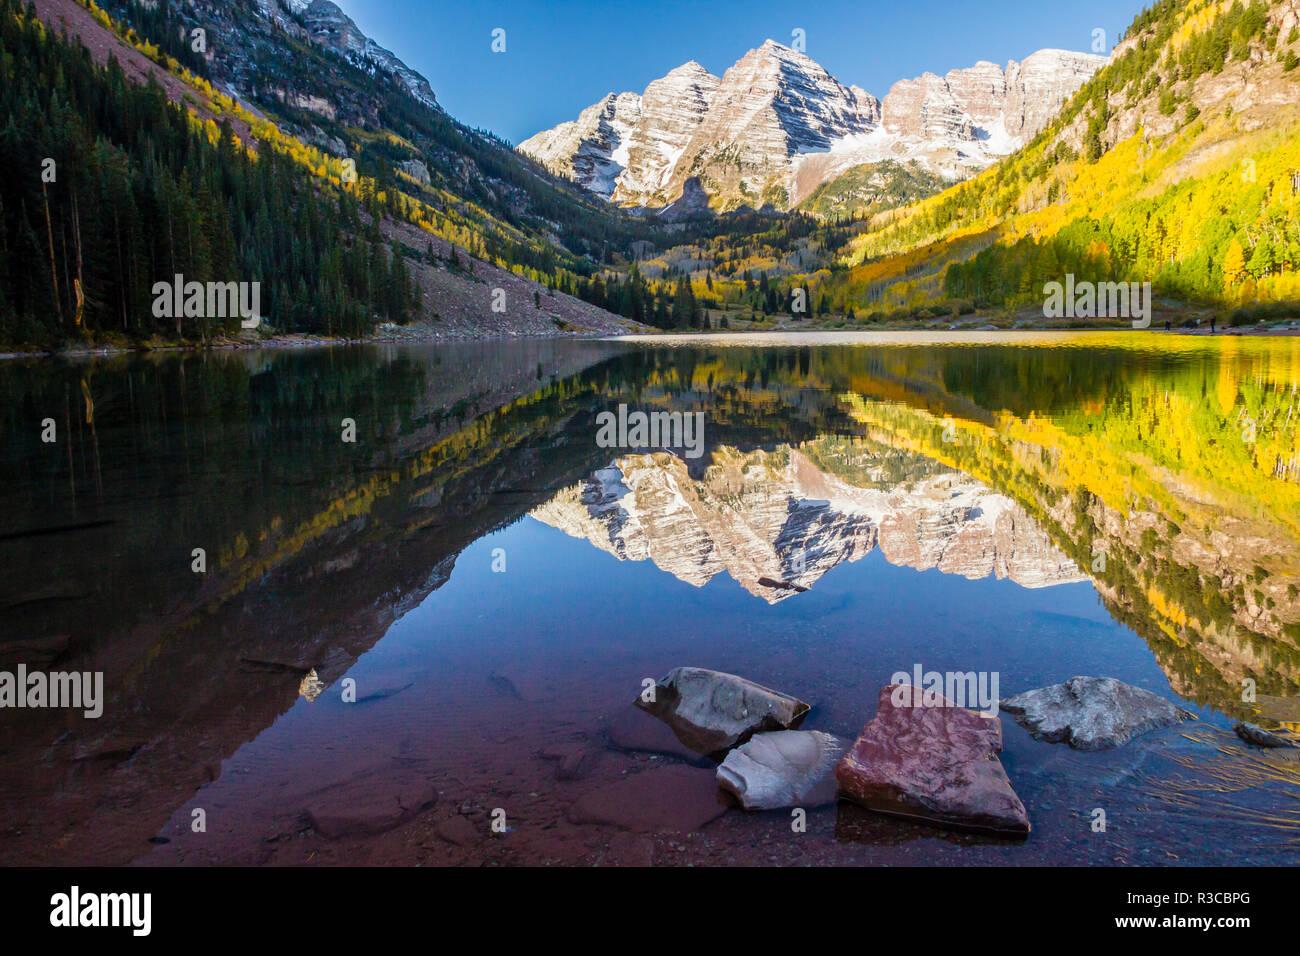 USA, Colorado, kastanienbraune Glocken. Mountain Lake Reflexionen im Herbst Sonnenaufgang. Stockbild